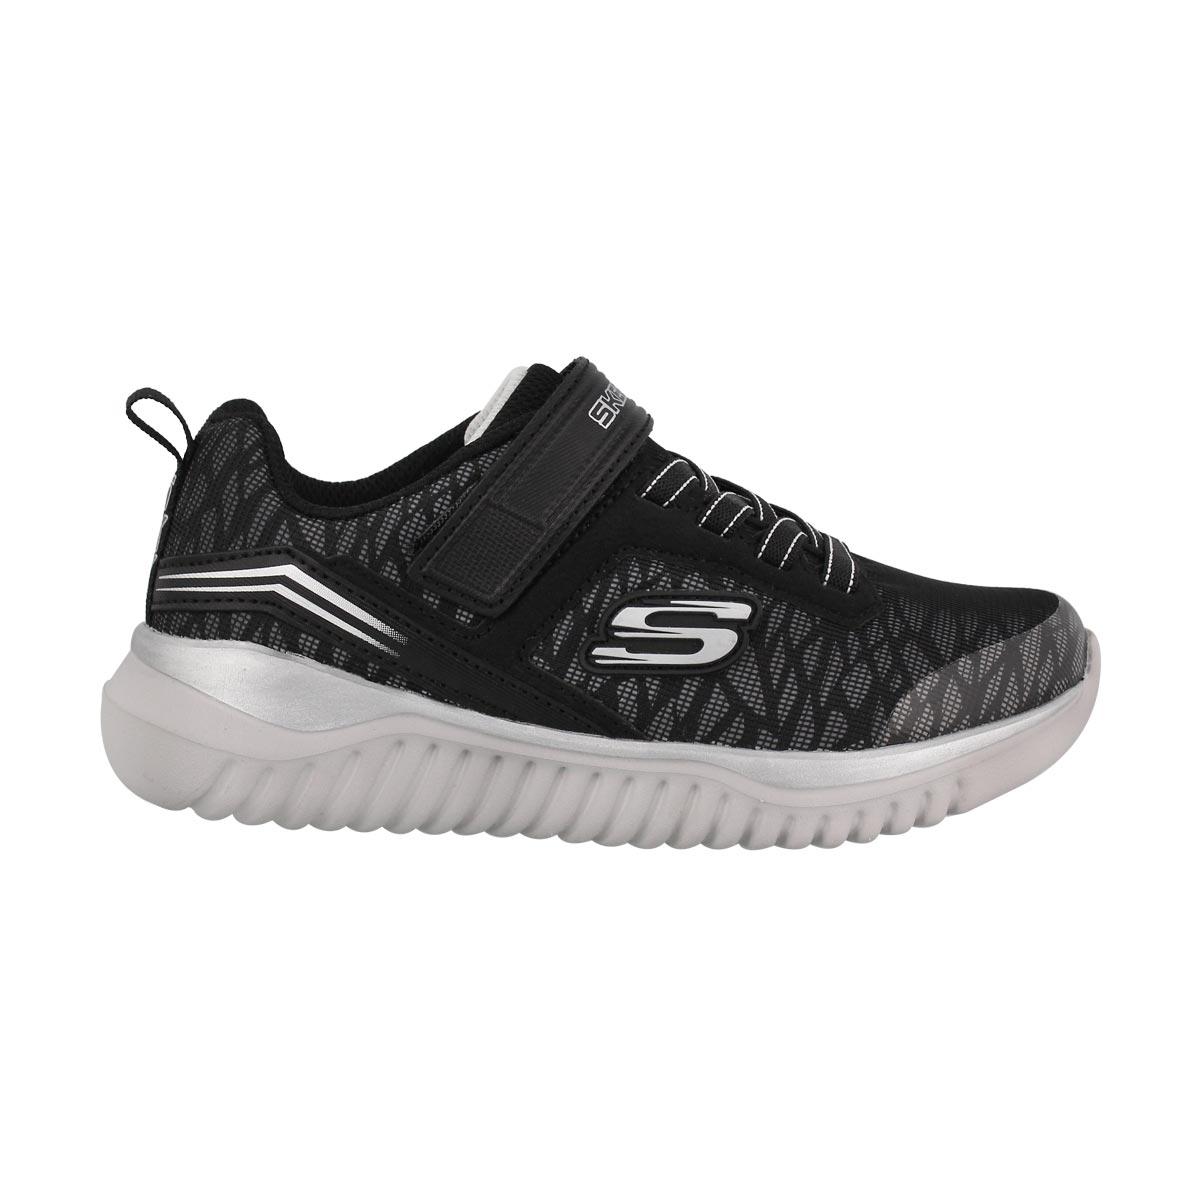 Bys Turboshift blk/slvr sneaker